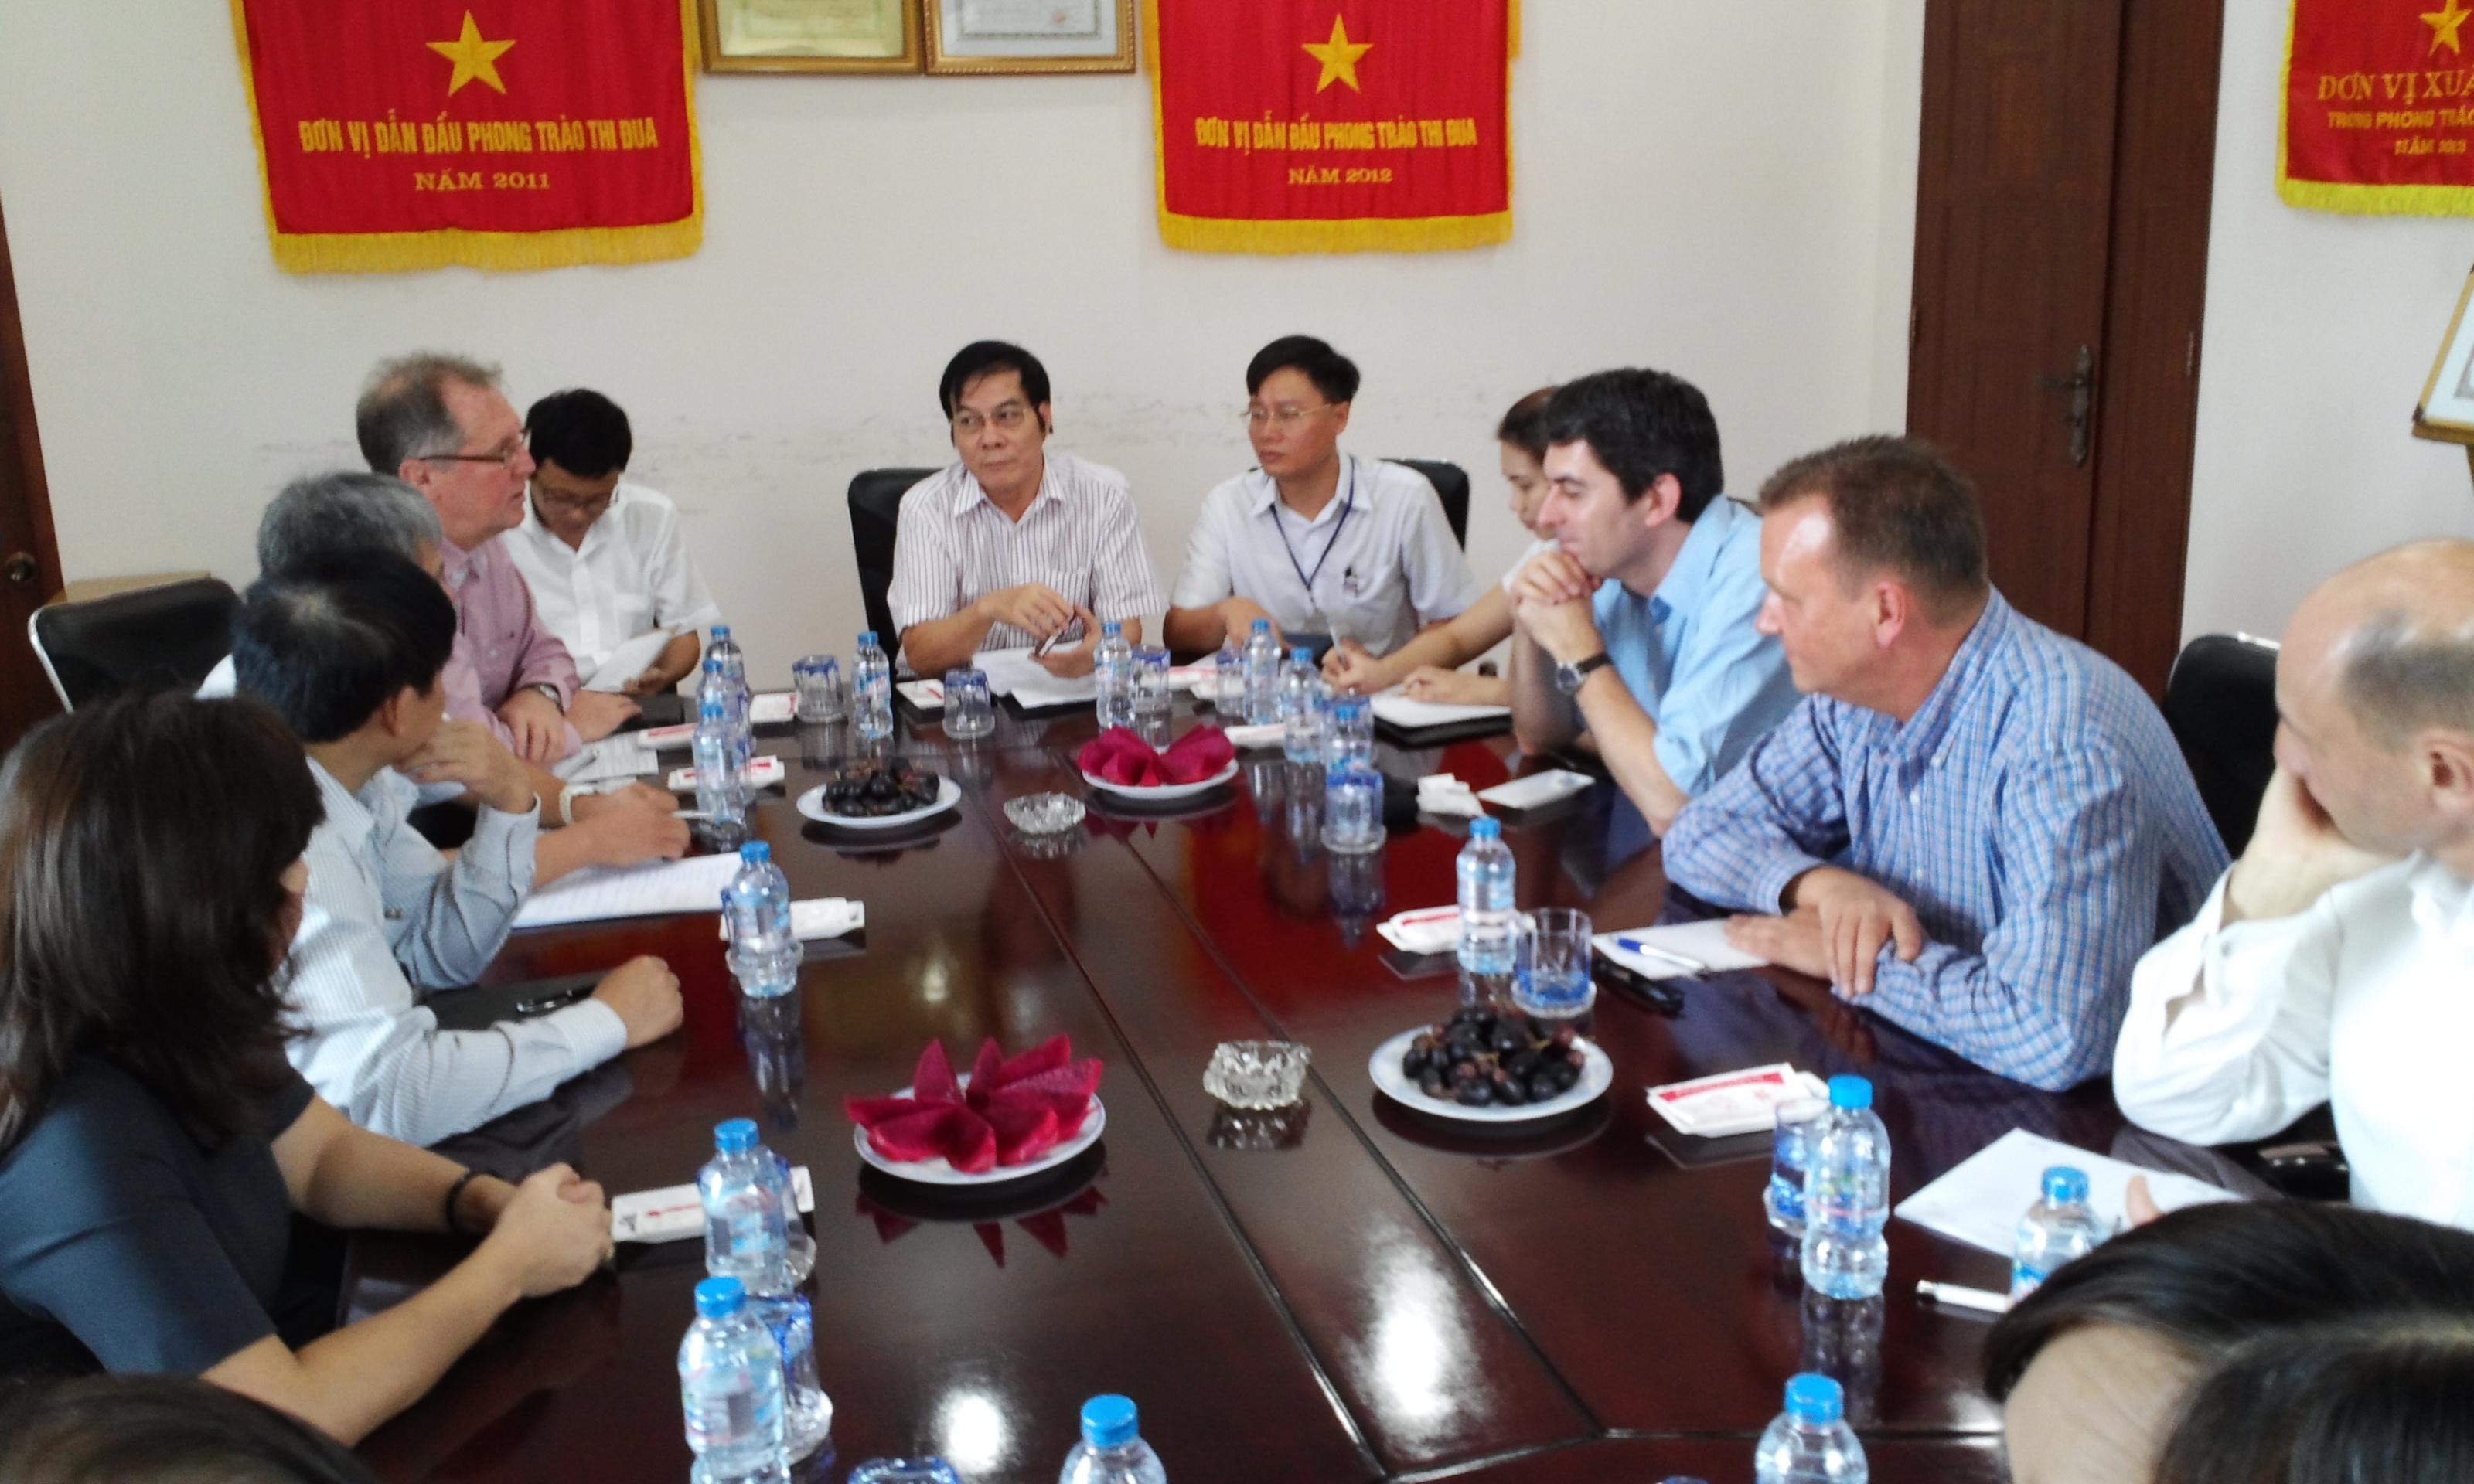 Đoàn Viện FES và Tổng lãnh sự CH LB Đức tại TP.HCM thăm và làm việc với CTCP Tổng Công ty May Đồng Nai